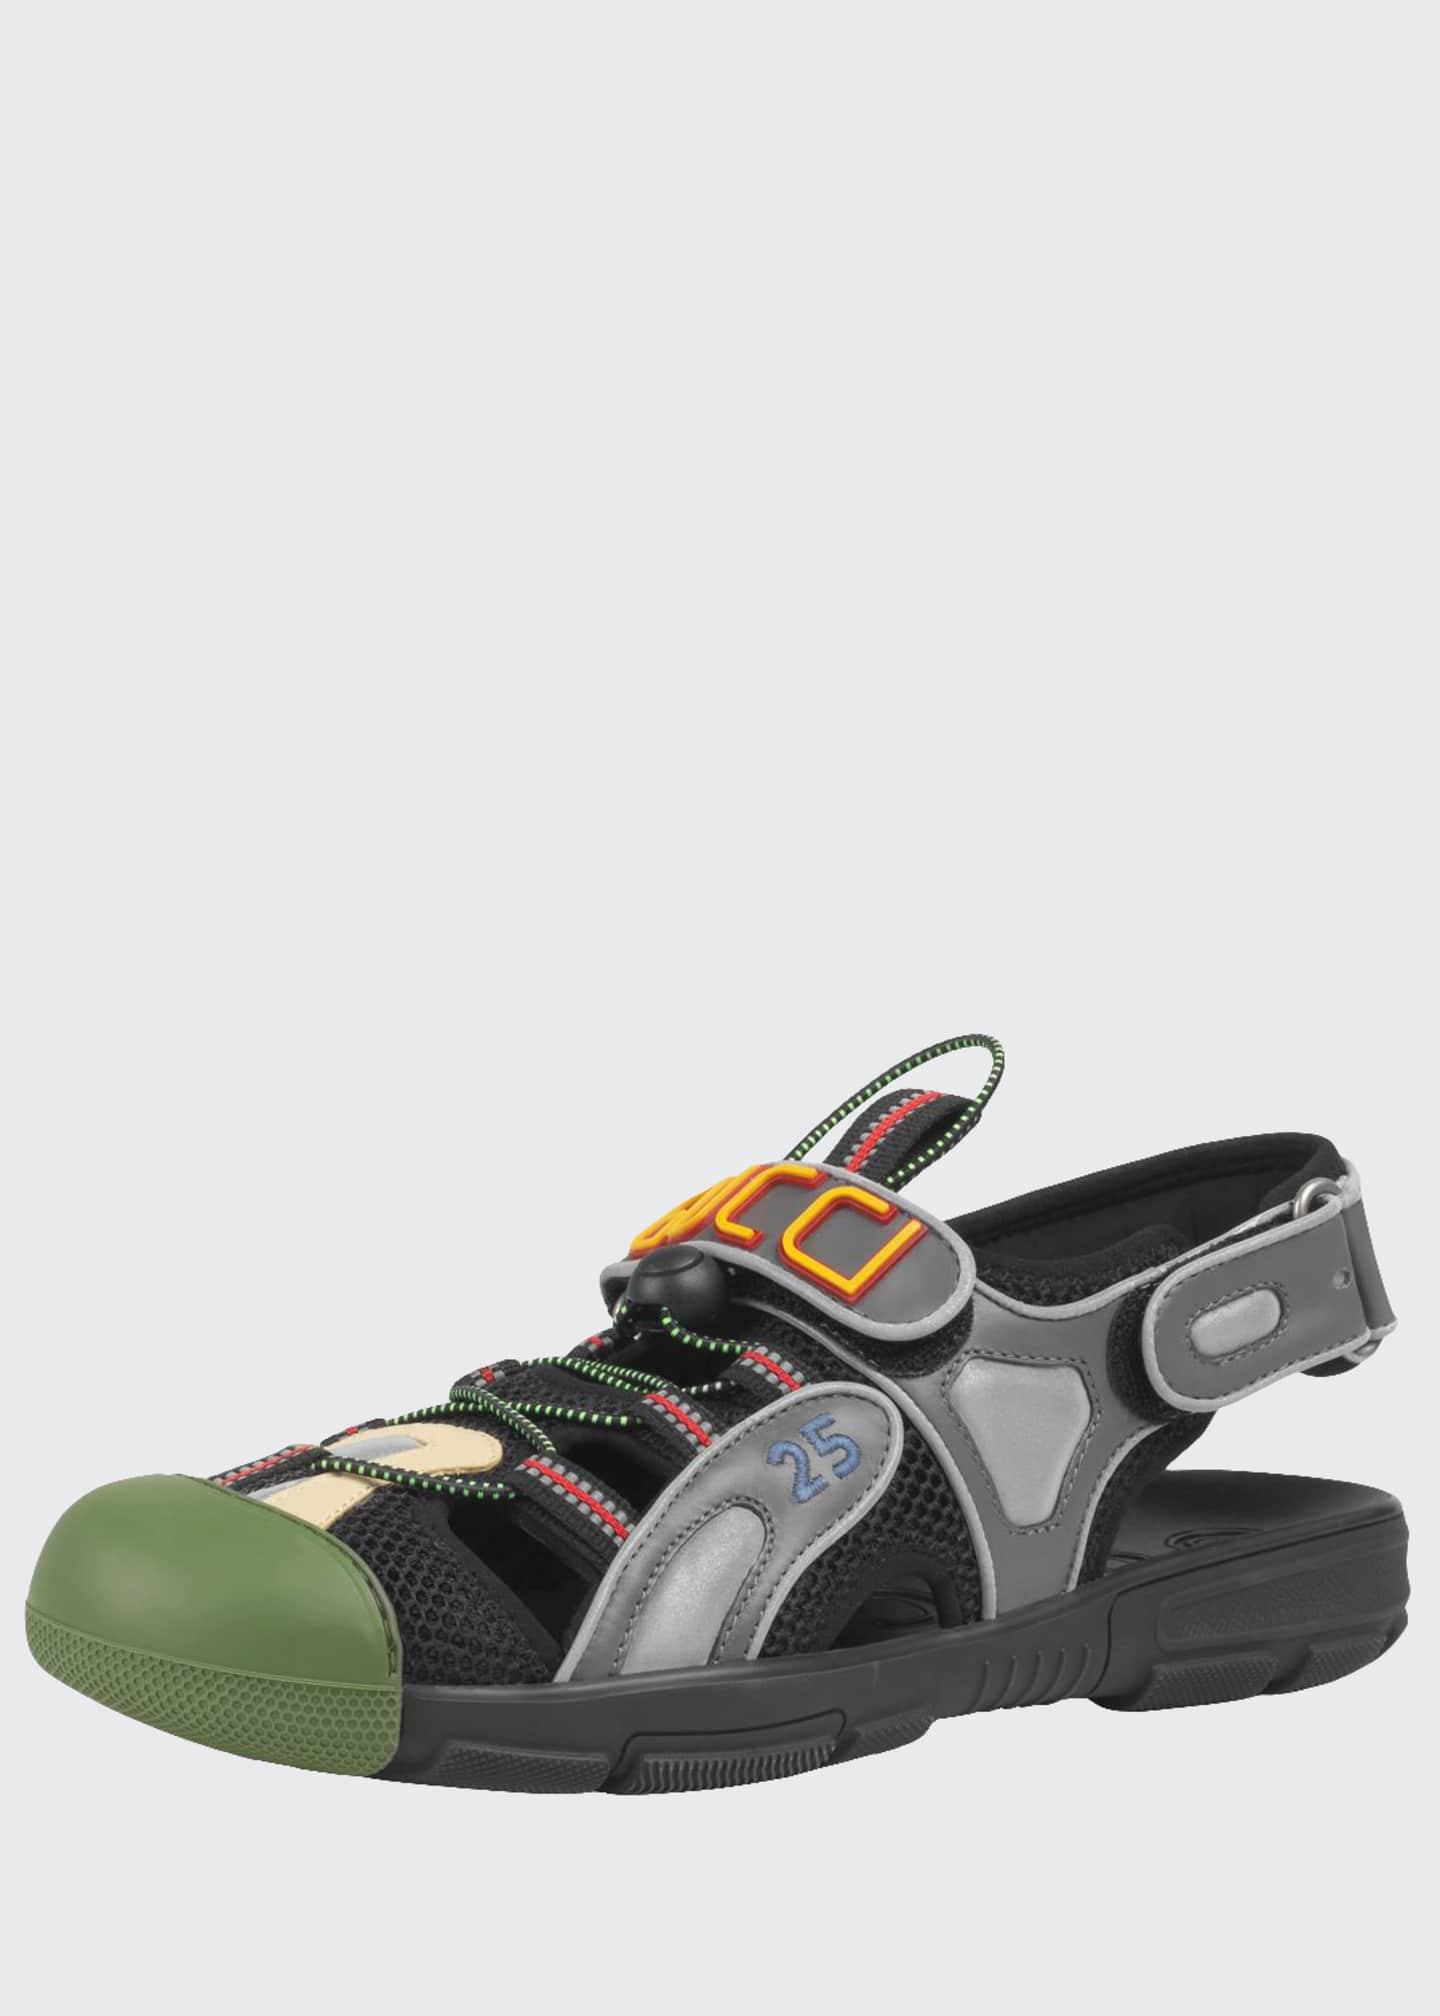 Gucci Men's Tinsel Sneaker Sandals